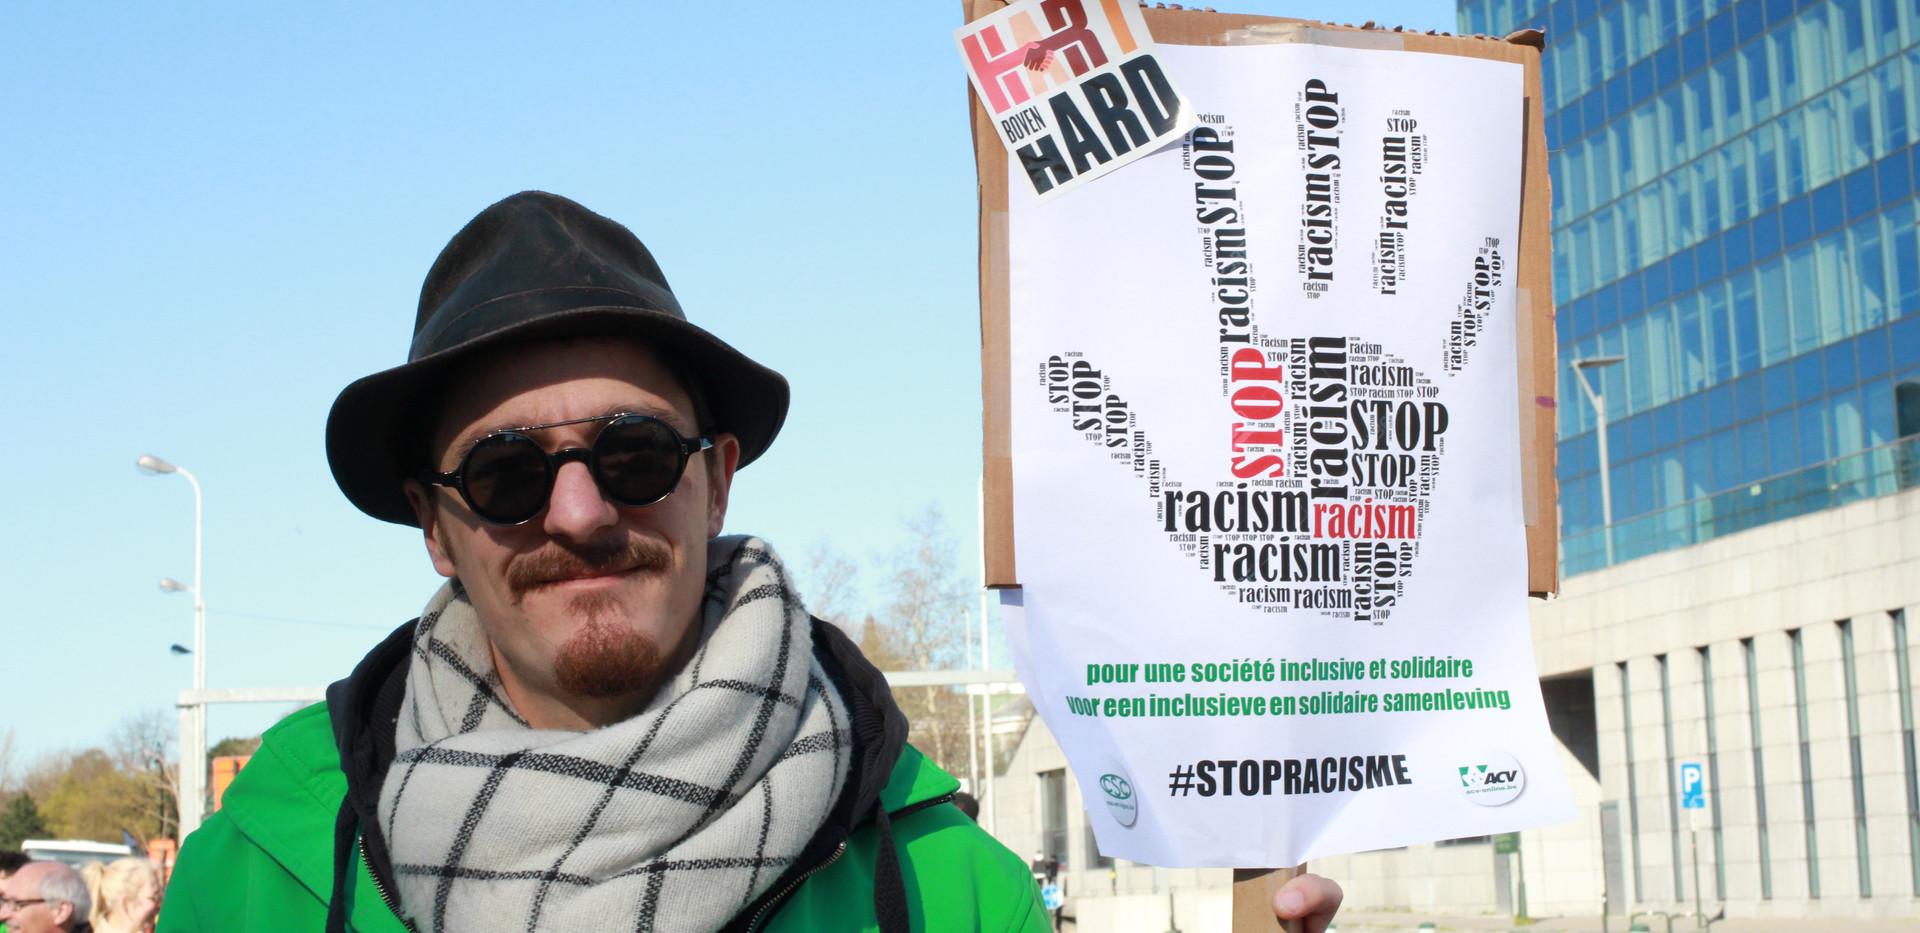 Protest against racism and discriminatio